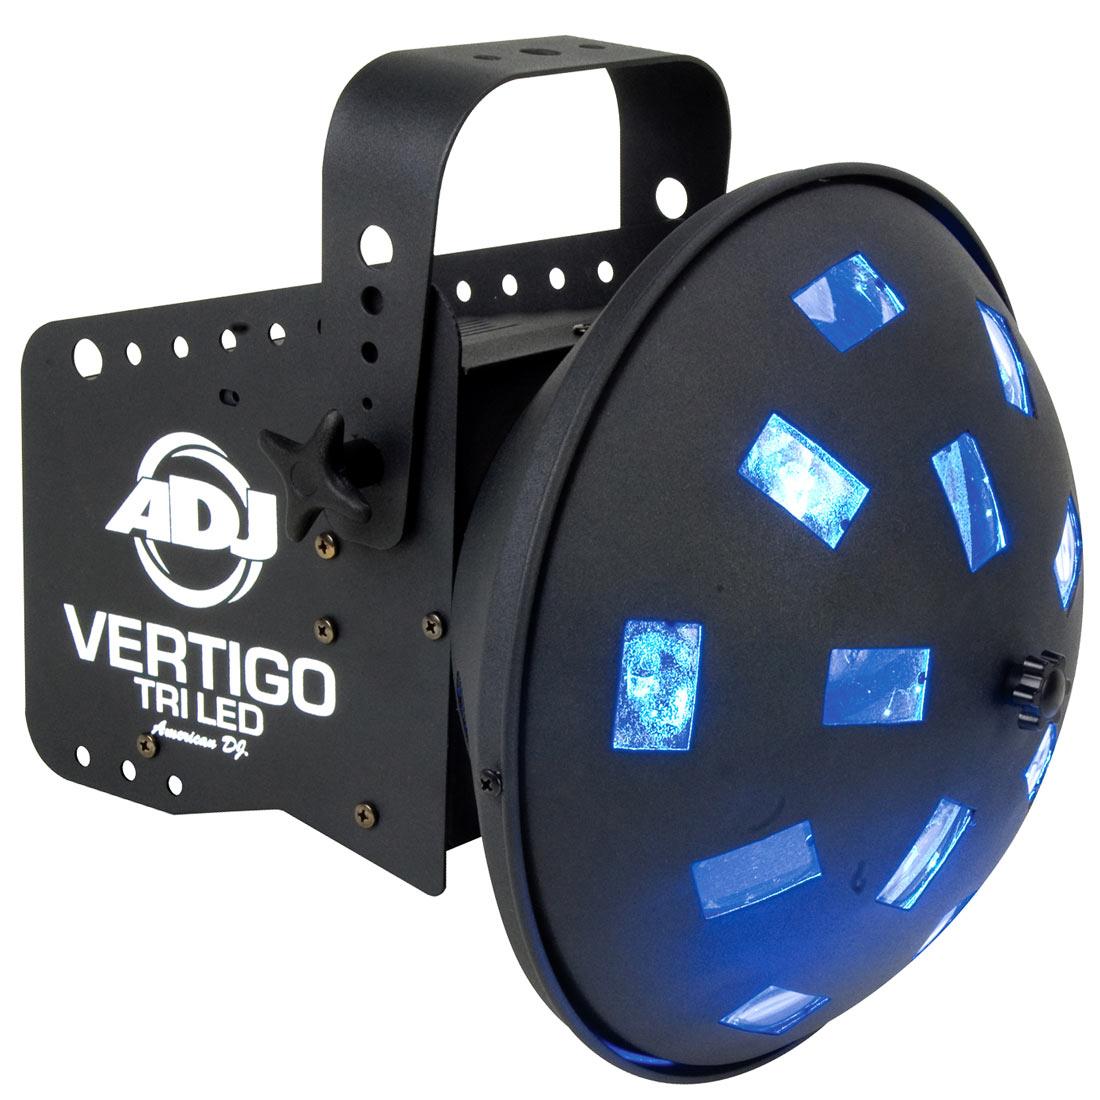 Vertigo TRI LED